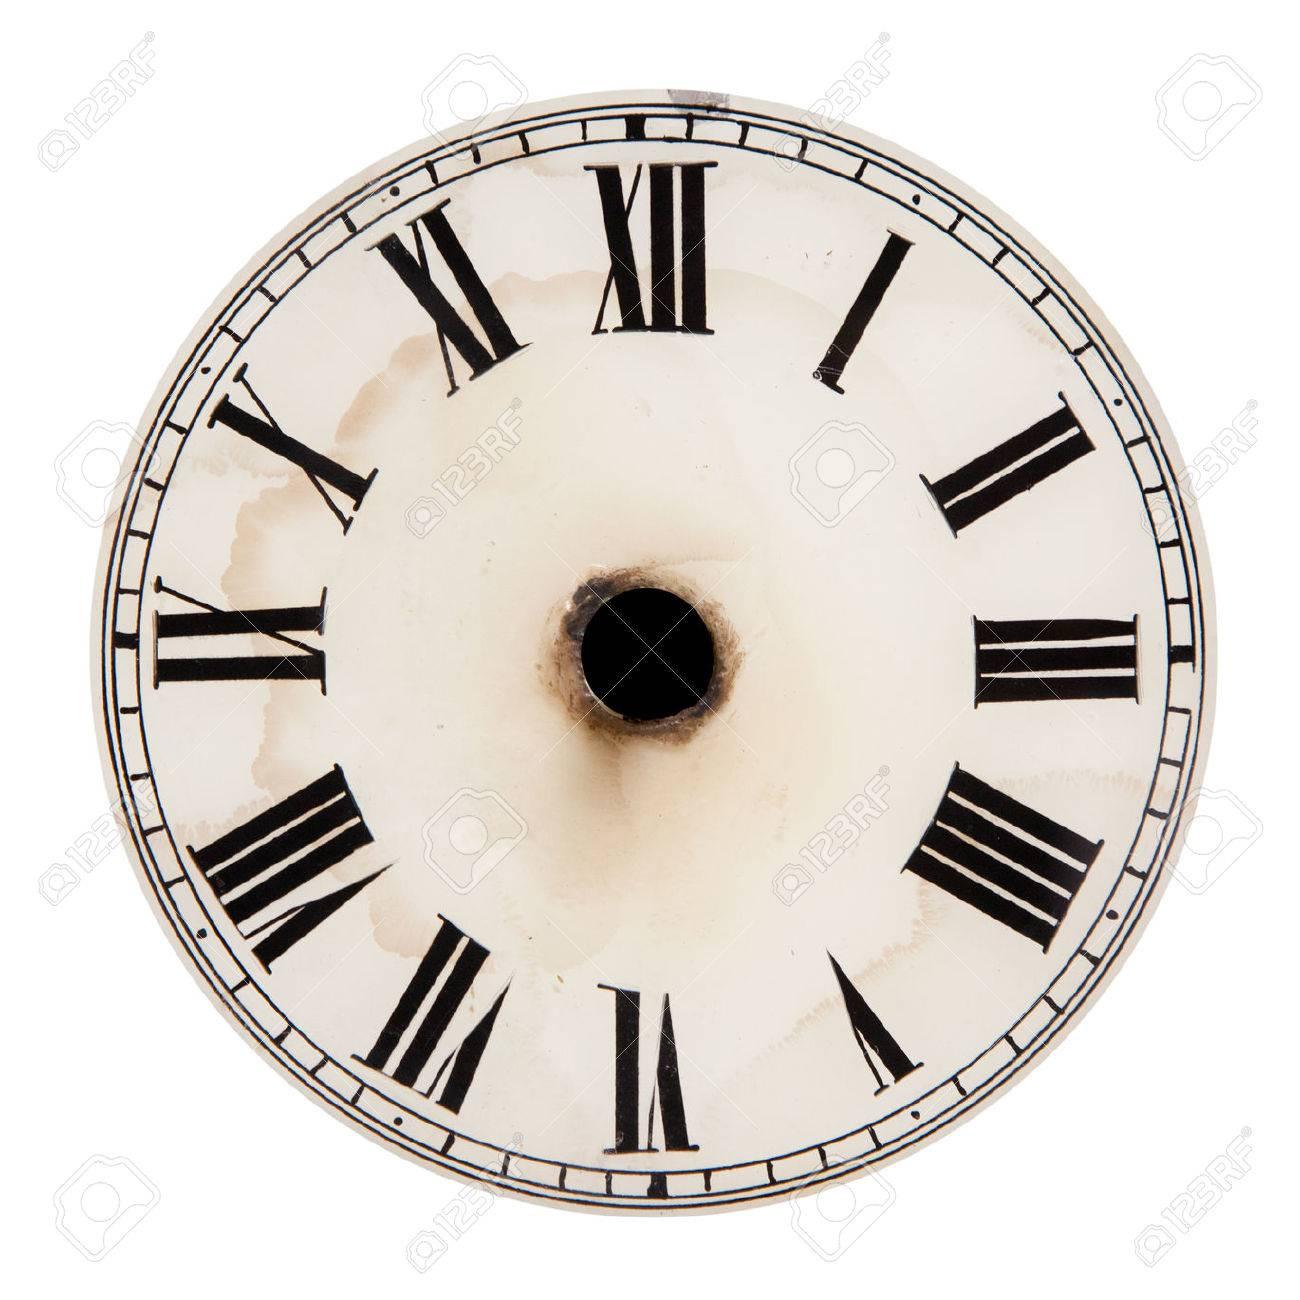 Clock Face Stock Photos. Royalty Free Clock Face Images